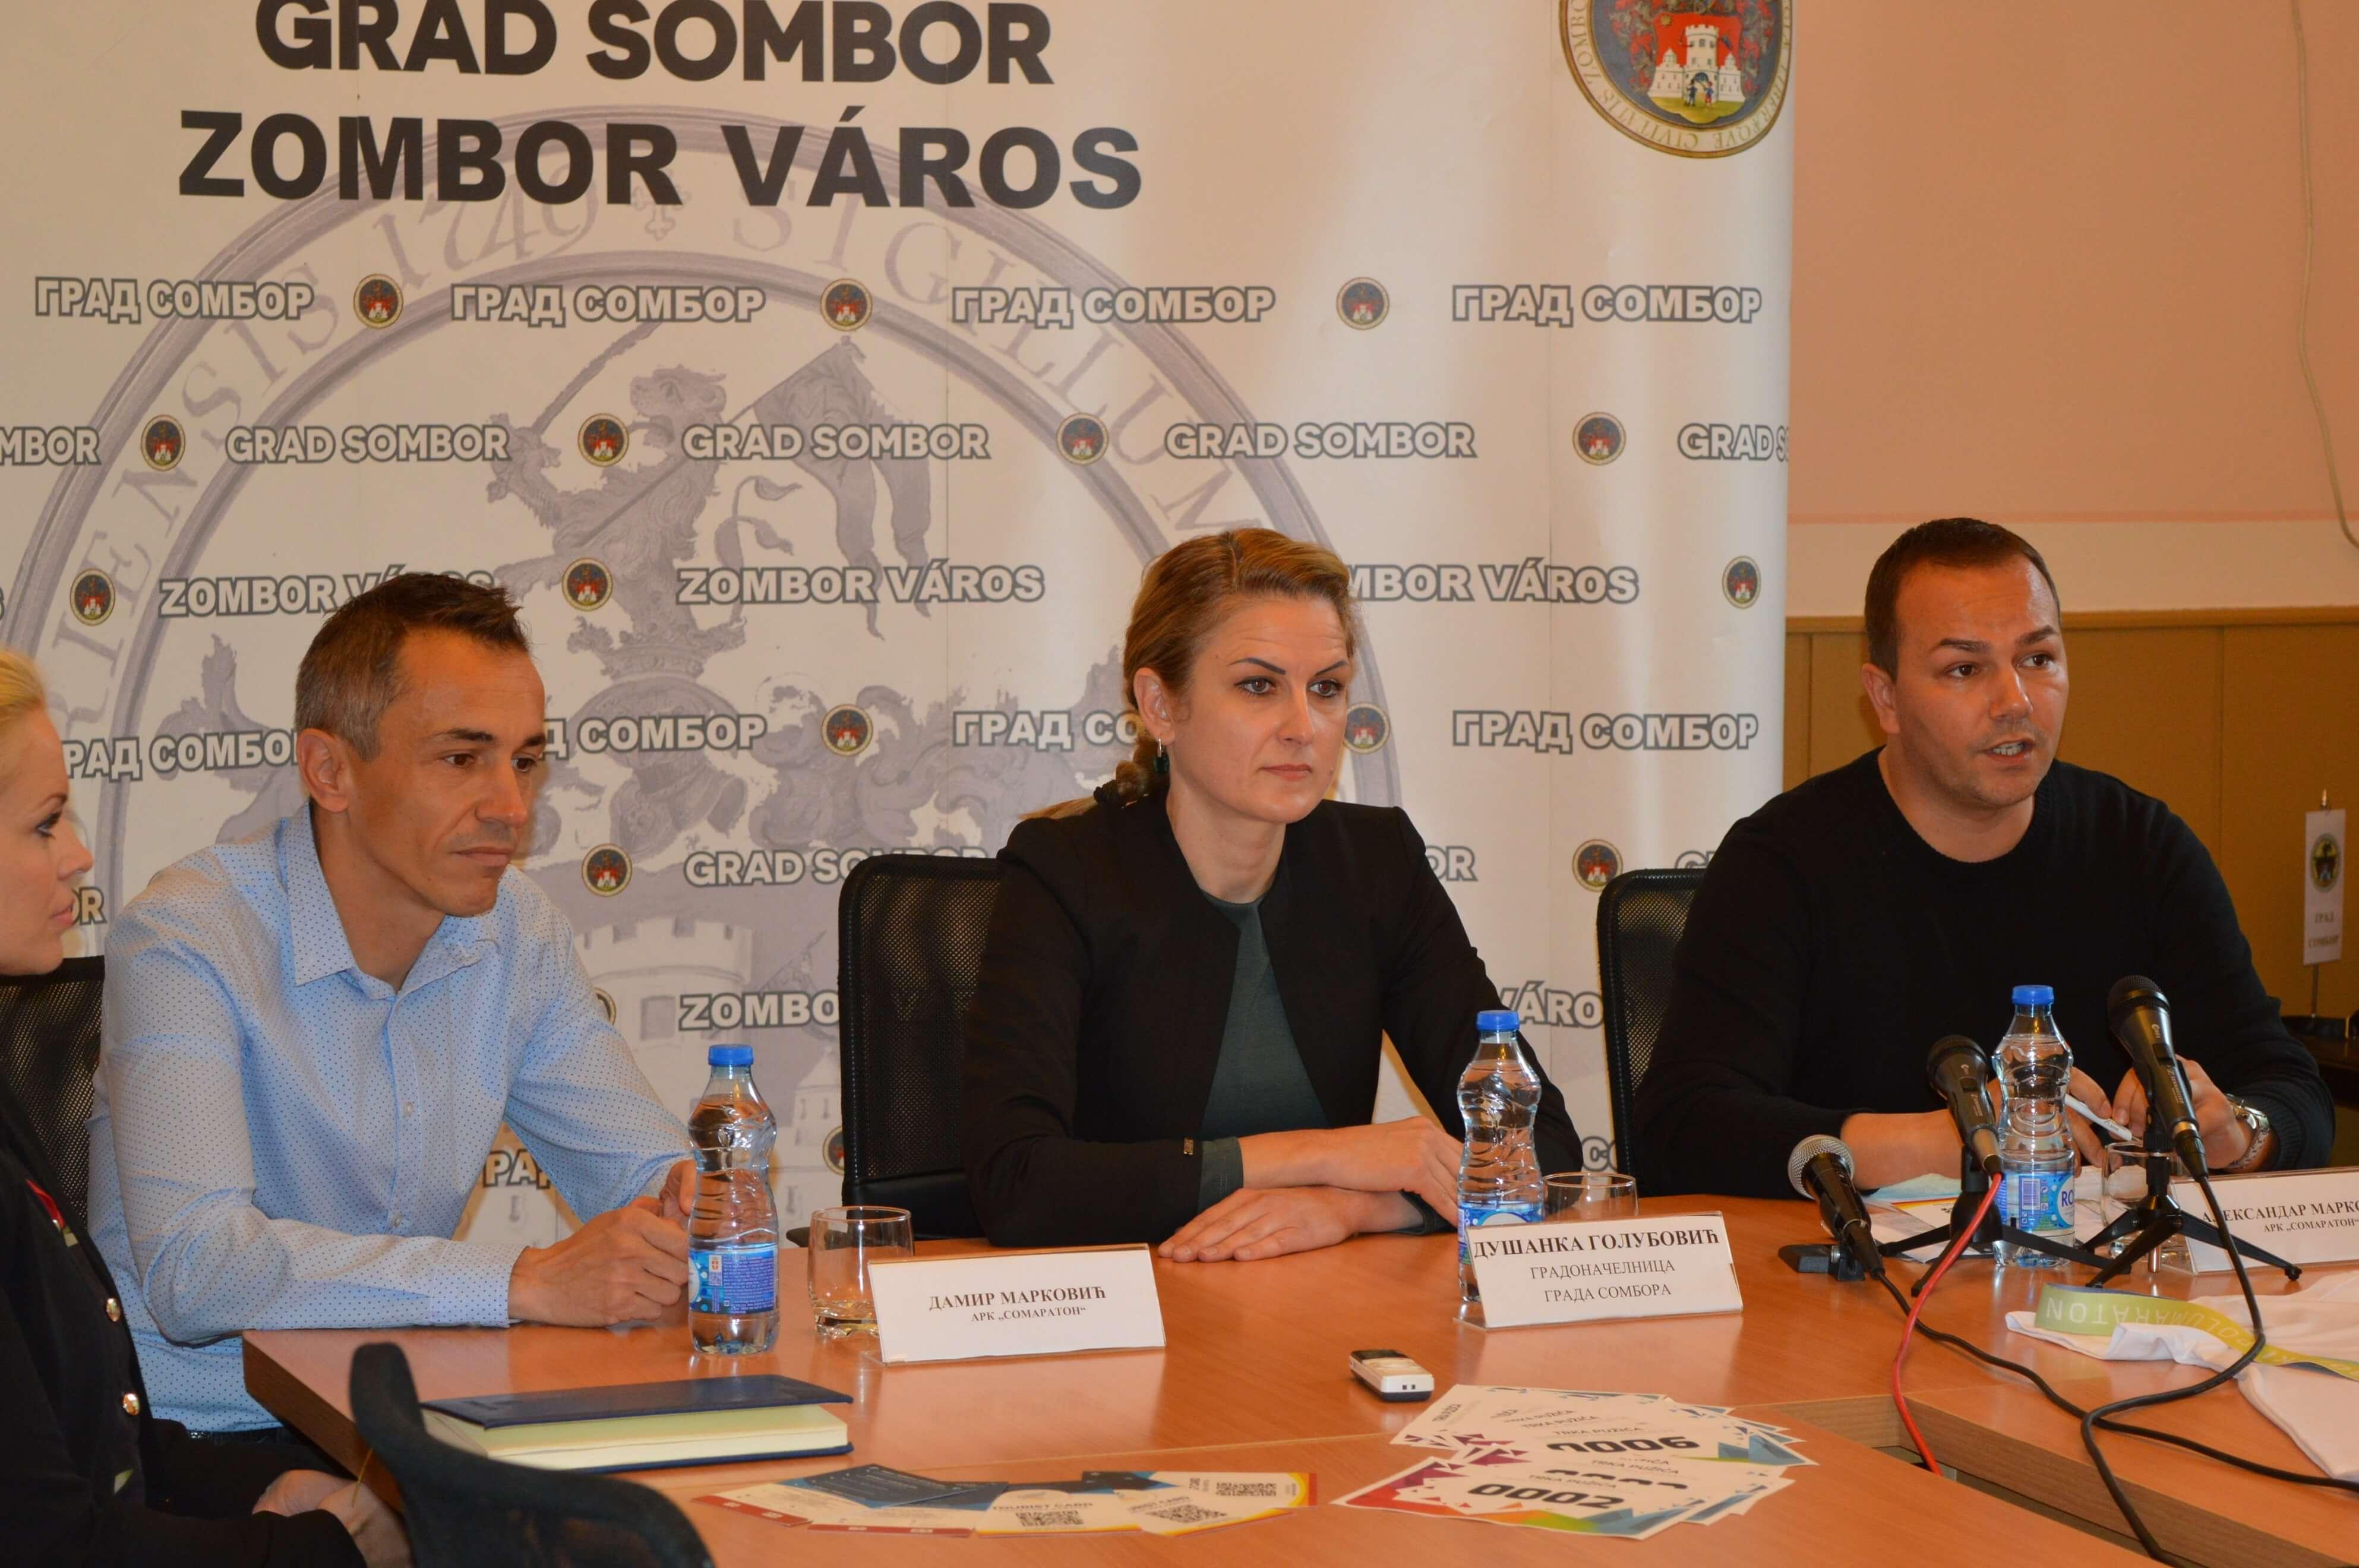 Градоначелница Душанка Голубовић, Дамир Марковић и Александар Марковић испред АРК СоМаратон